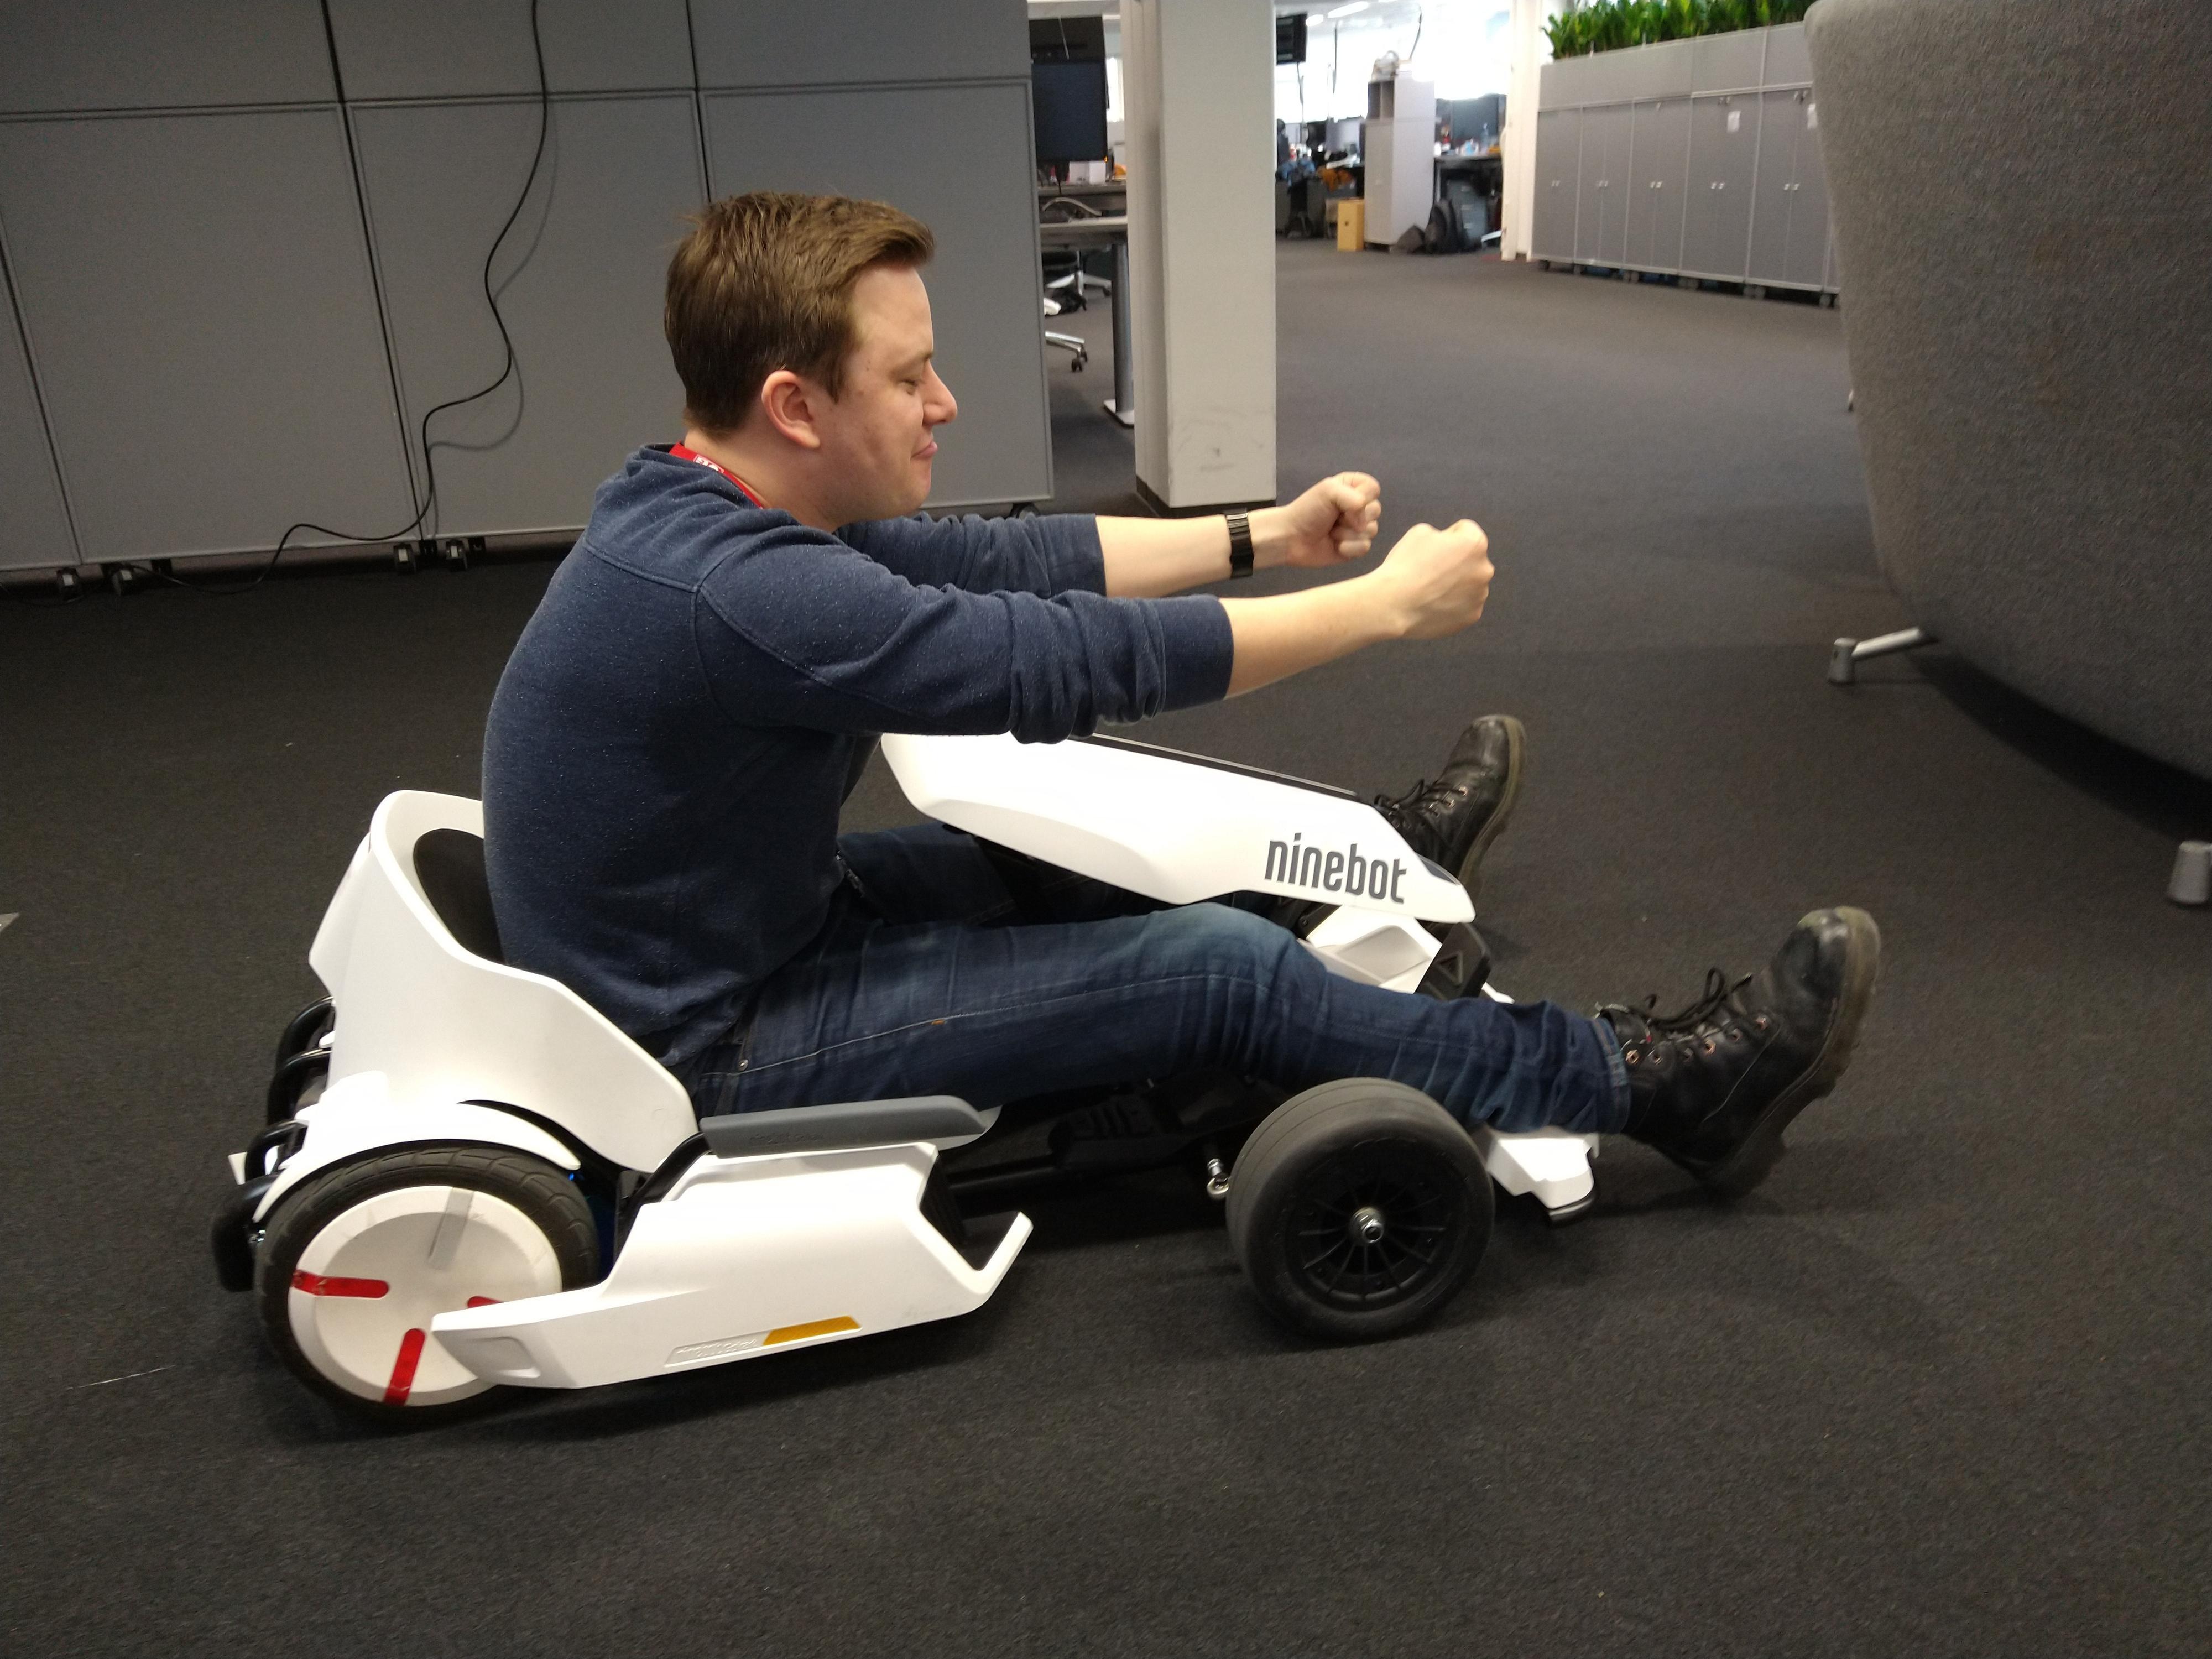 Moto G7 Plus gjør en helt grei jobb innendørs. Men du bør sjekke at hvert bilde blir skarpt for å være på den sikre siden.